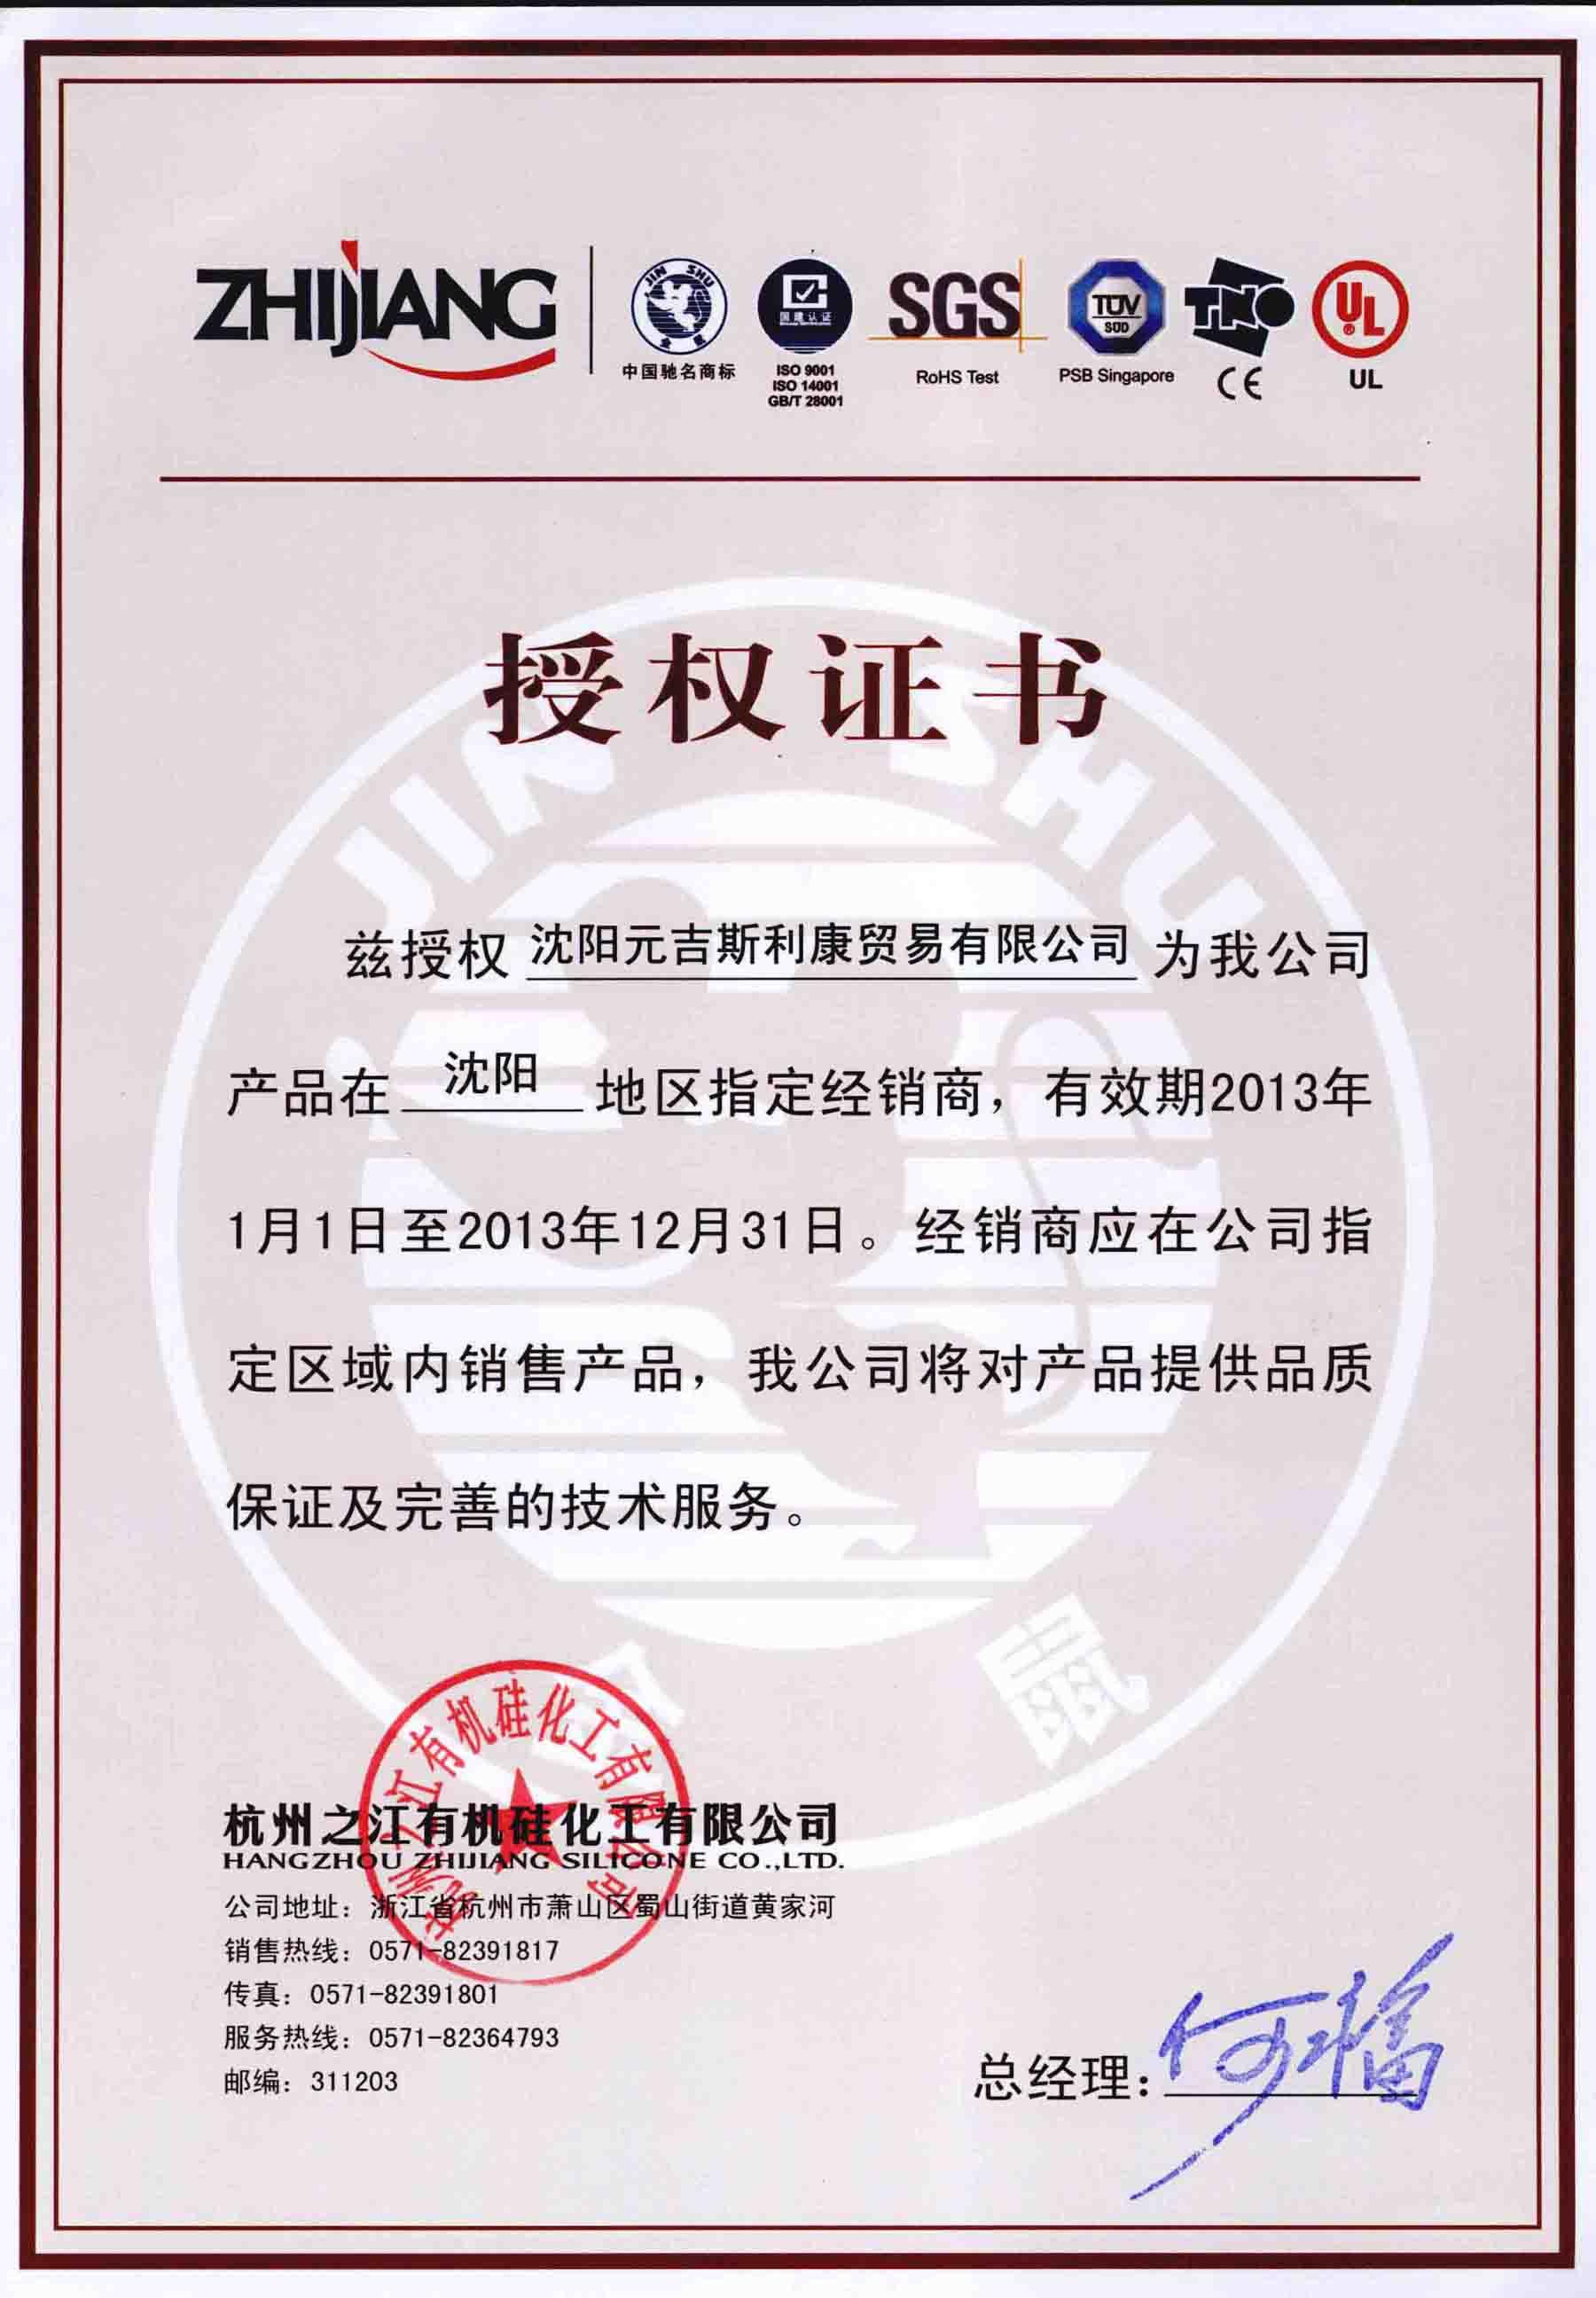 沈阳元吉公司代理 之江胶 系列密封胶 效果图 高清图片